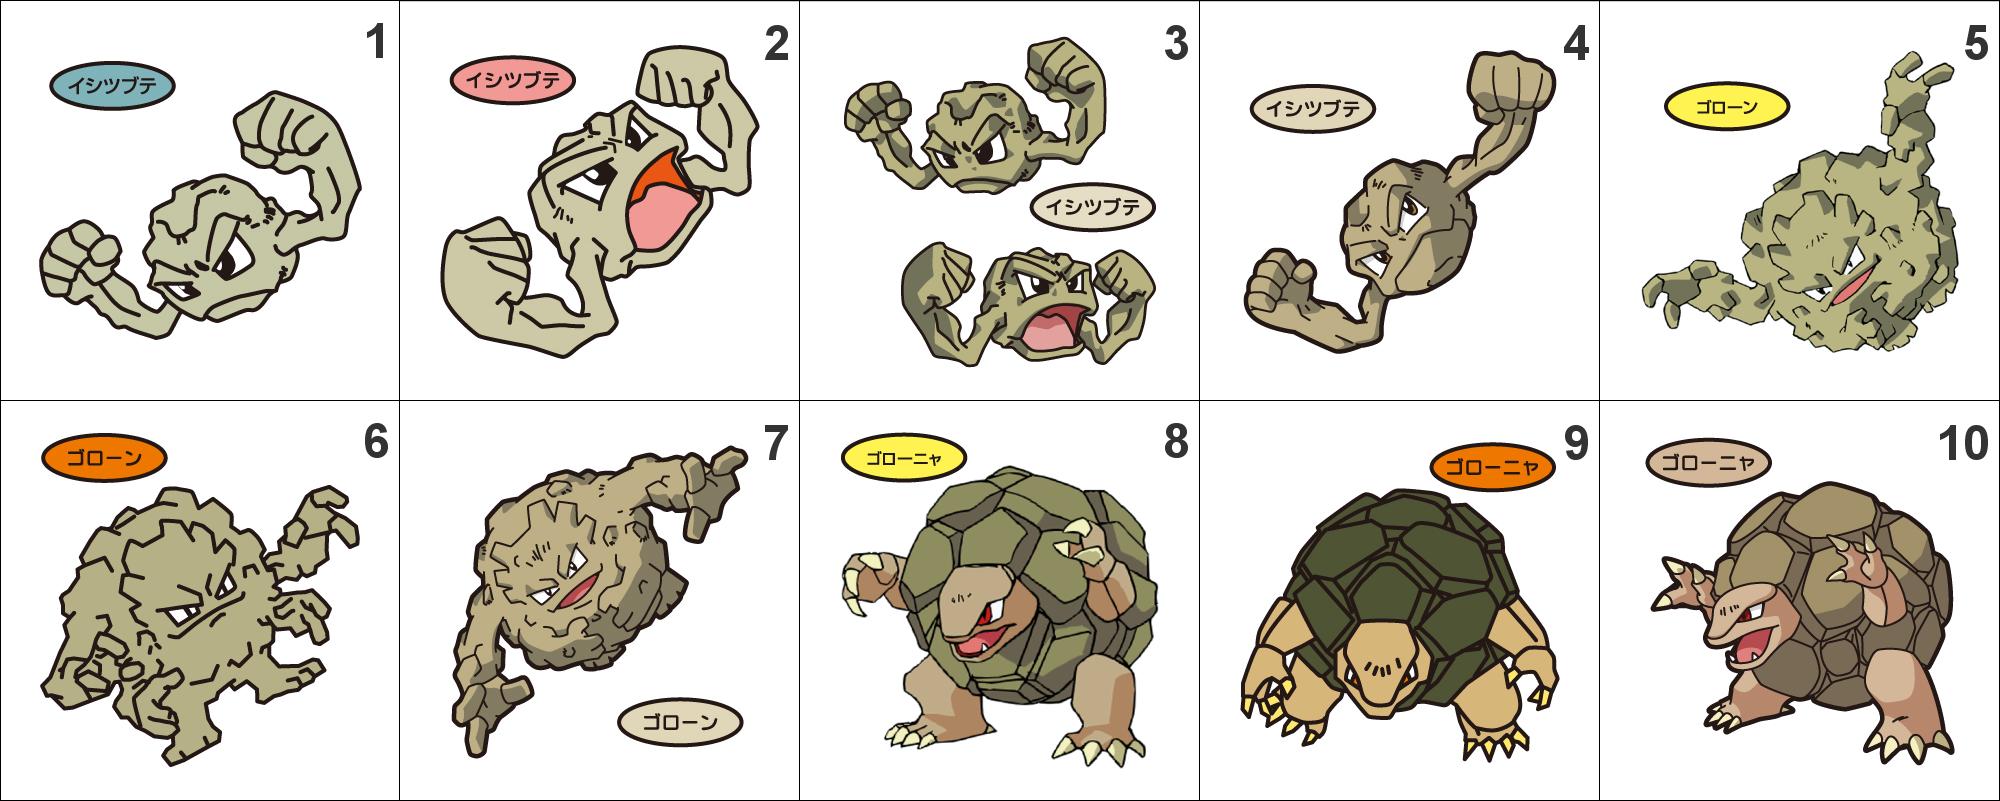 Pokemon Geodude Images | Pokemon Images